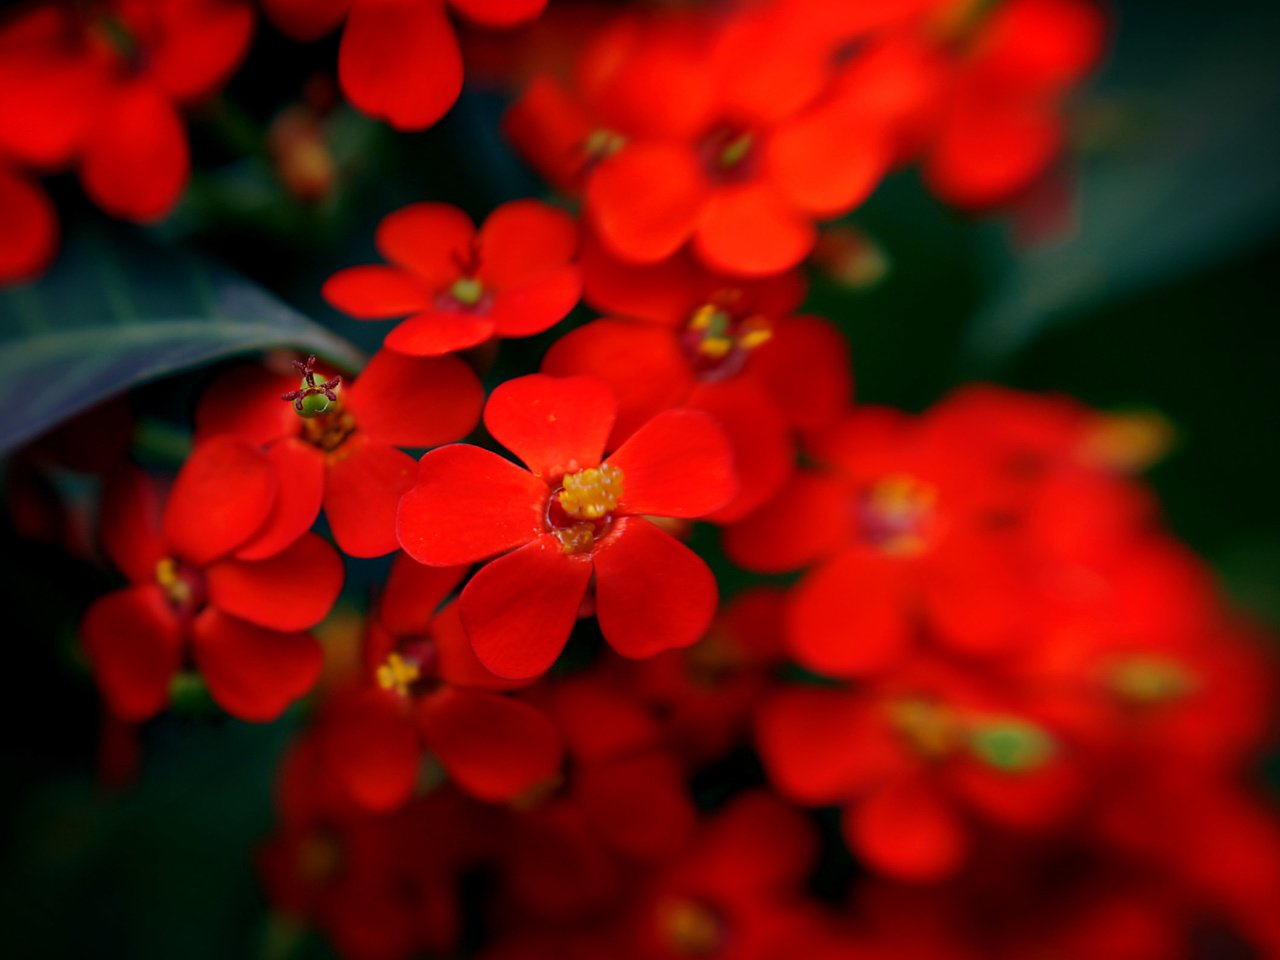 красные только красные цветы фото кровообращение, аппликатор